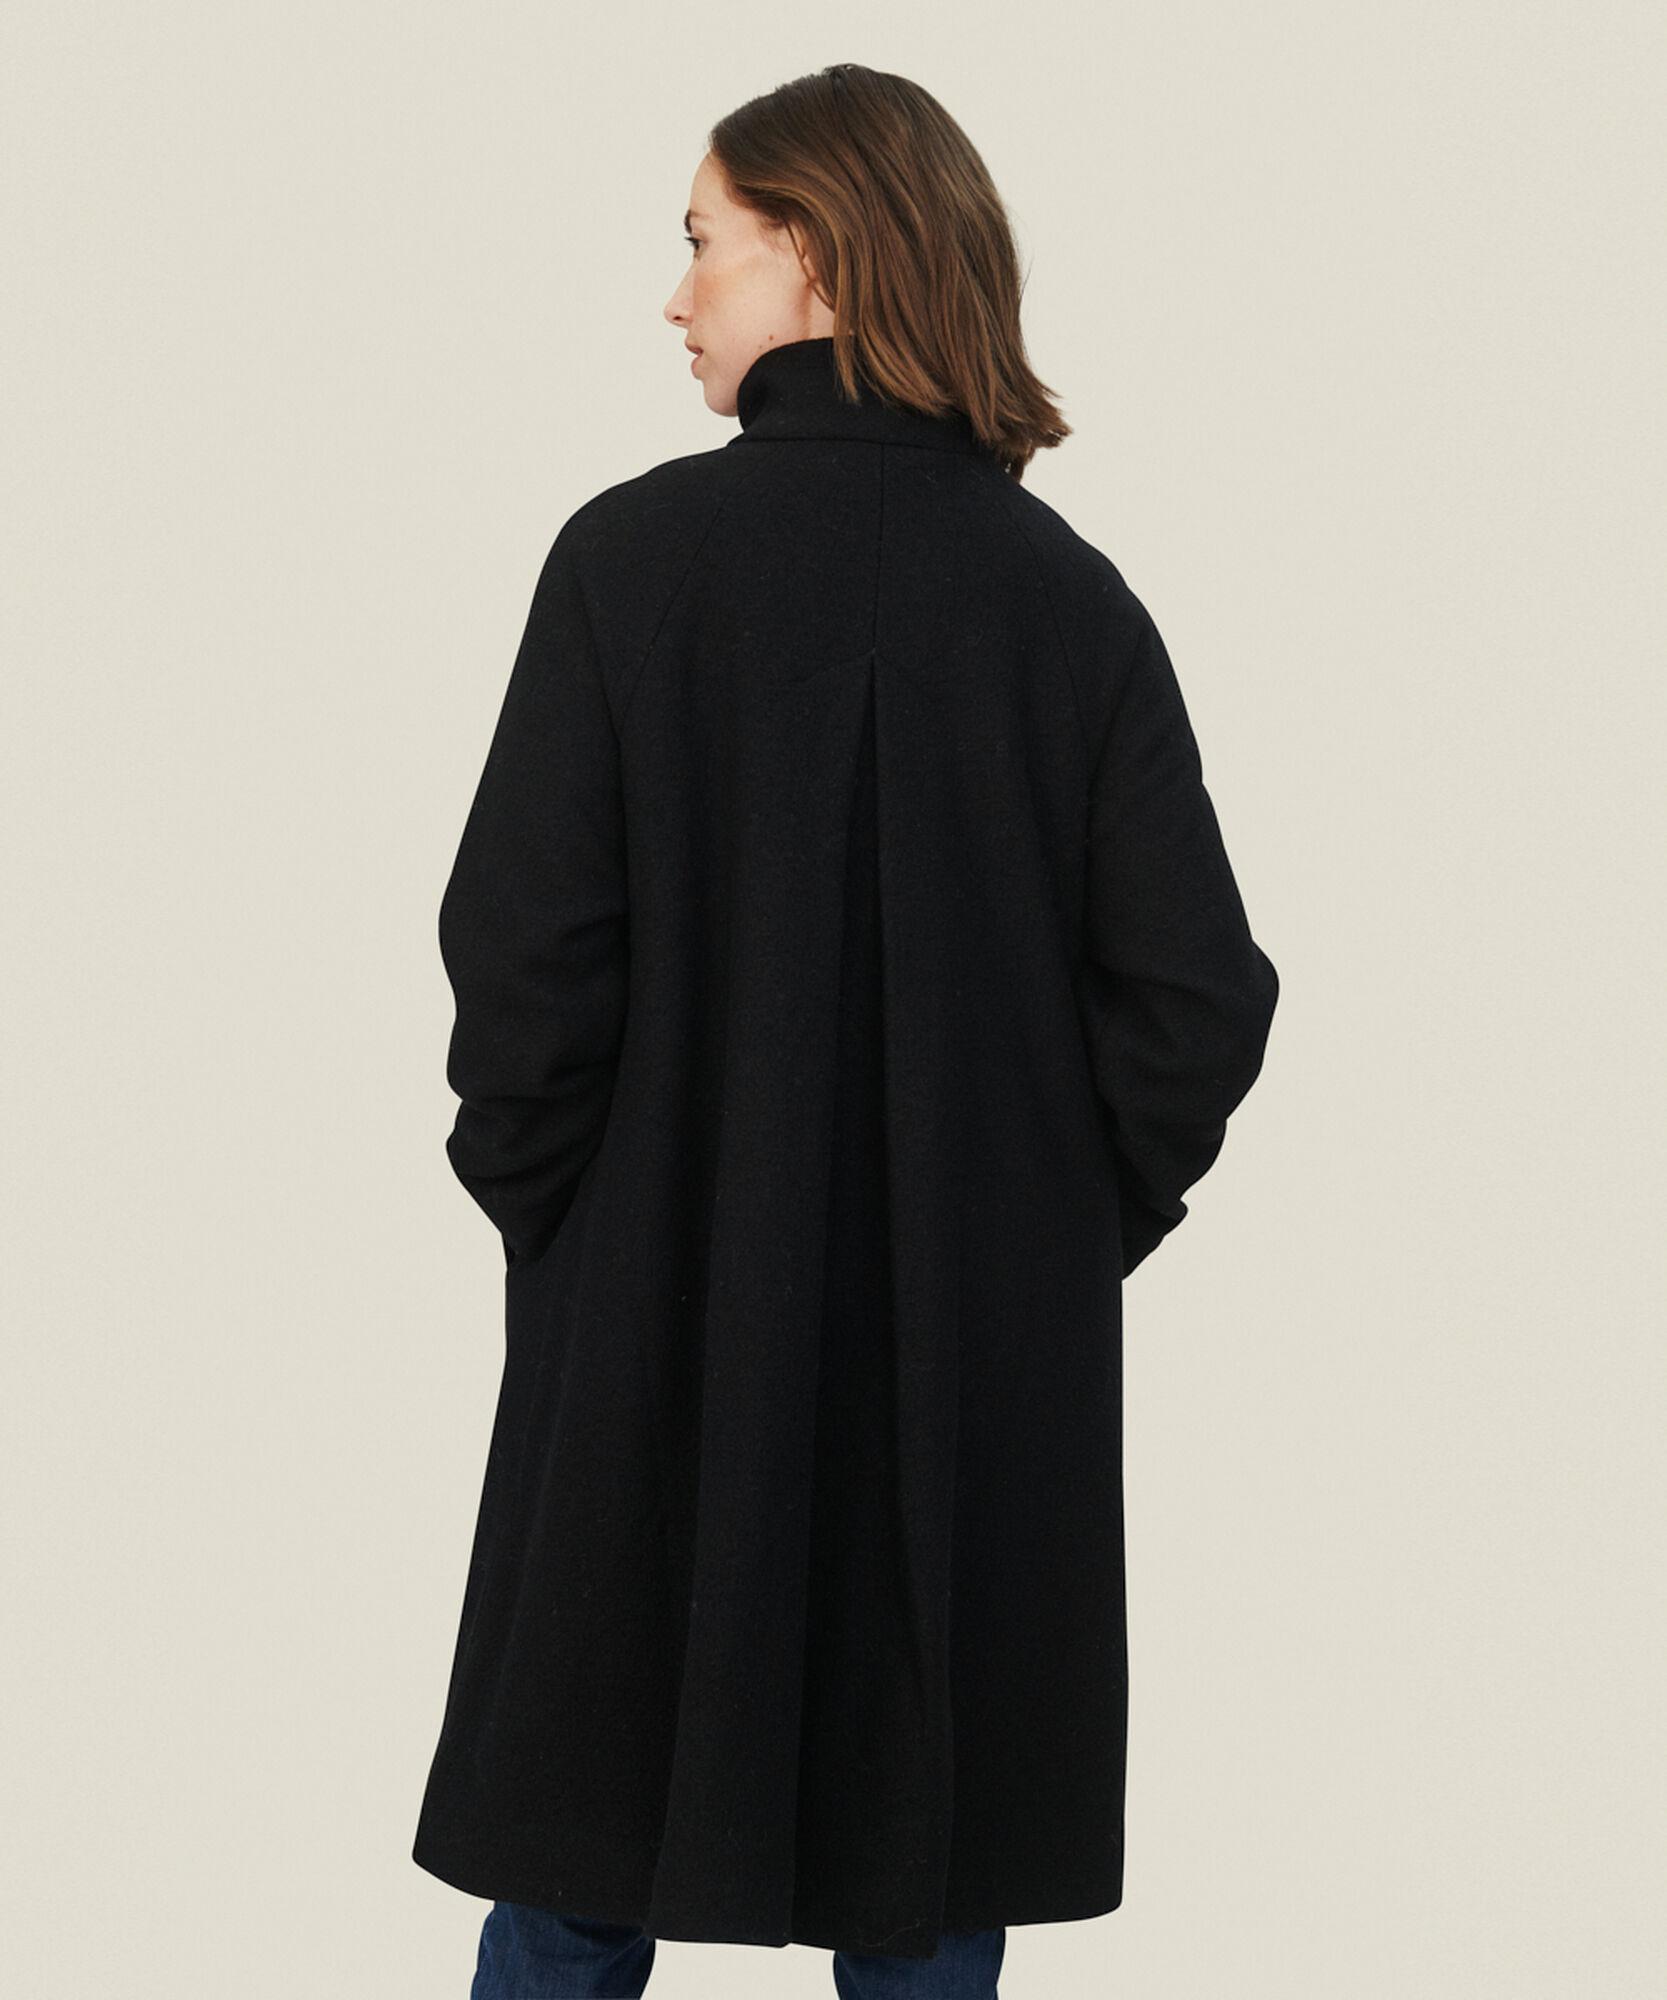 TESSA WOOL COAT, Black, hi-res